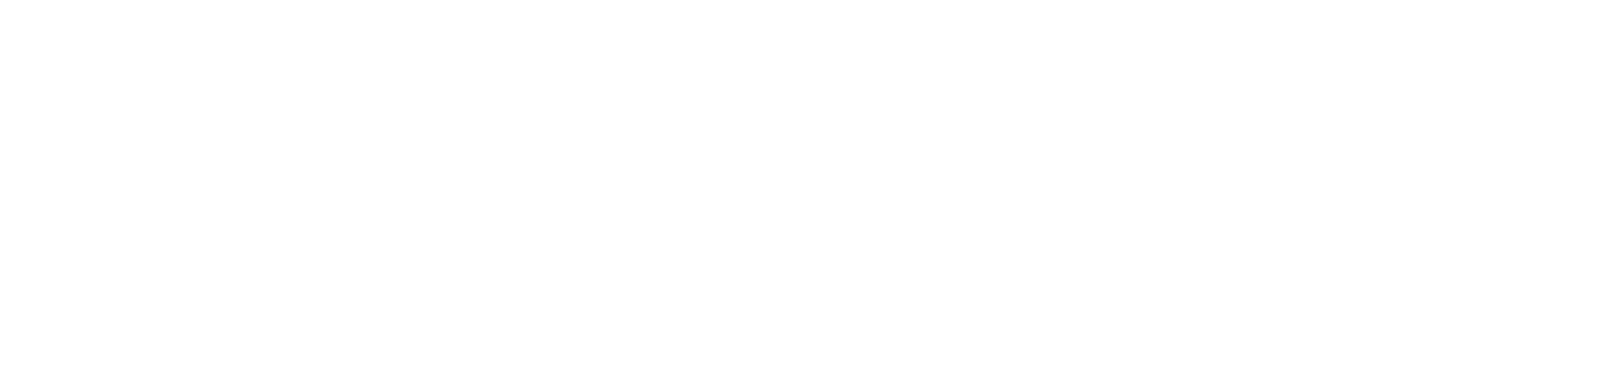 aqua alpina Logo in Weiß auf durchsichtigem Hintergrund